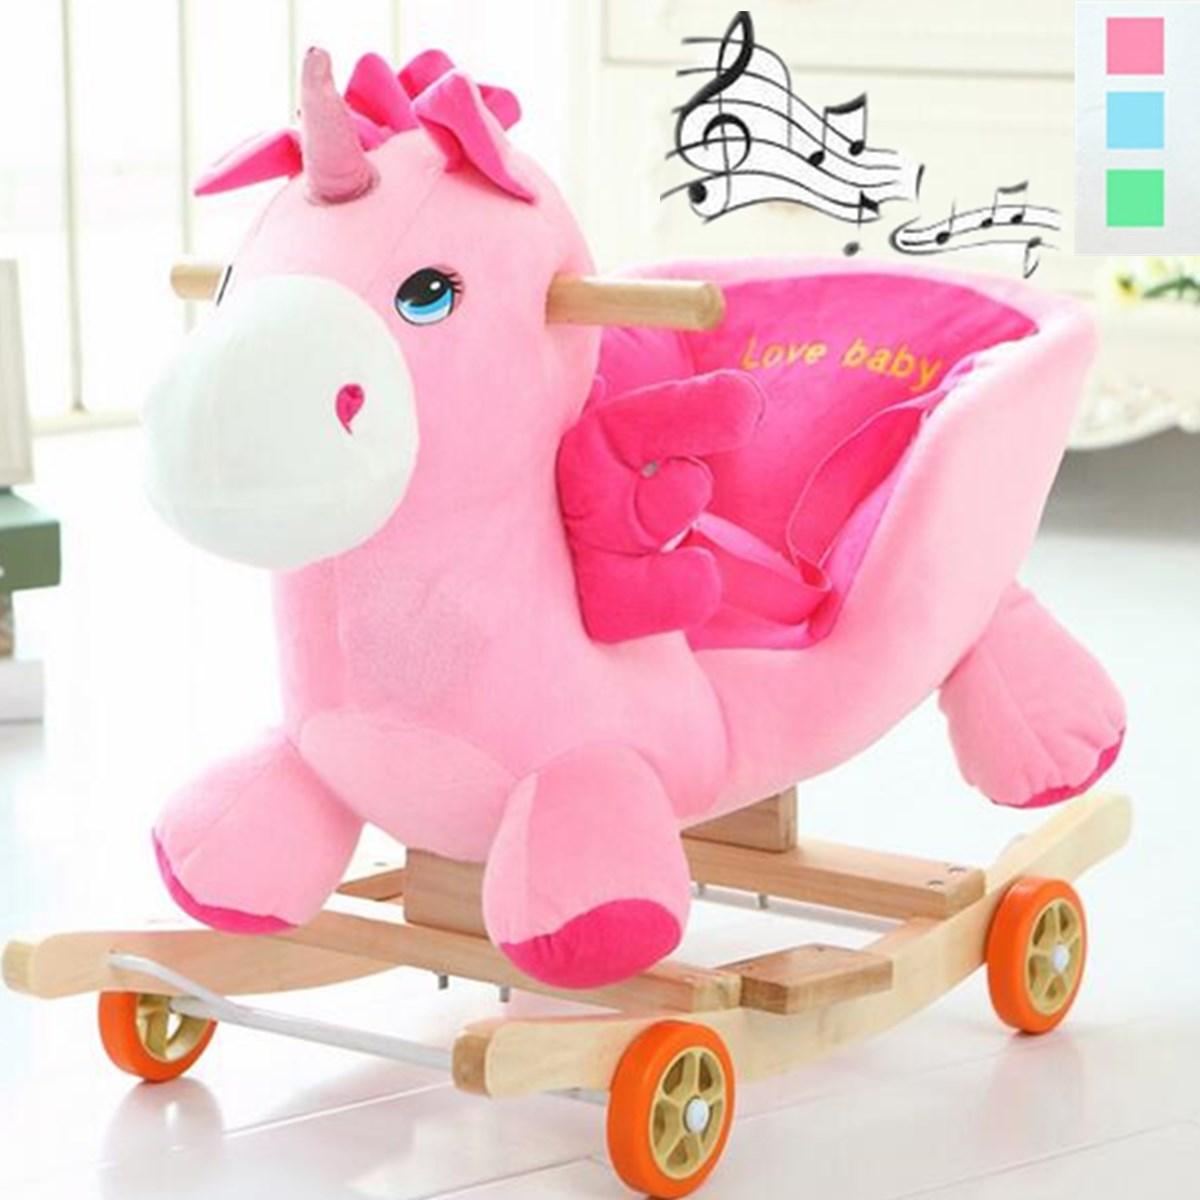 Деревянная плюшевая лошадка качалка, троянская игрушка, кресло качалка, детская коляска, детская тележка с музыкой, подарок для детей на ден...